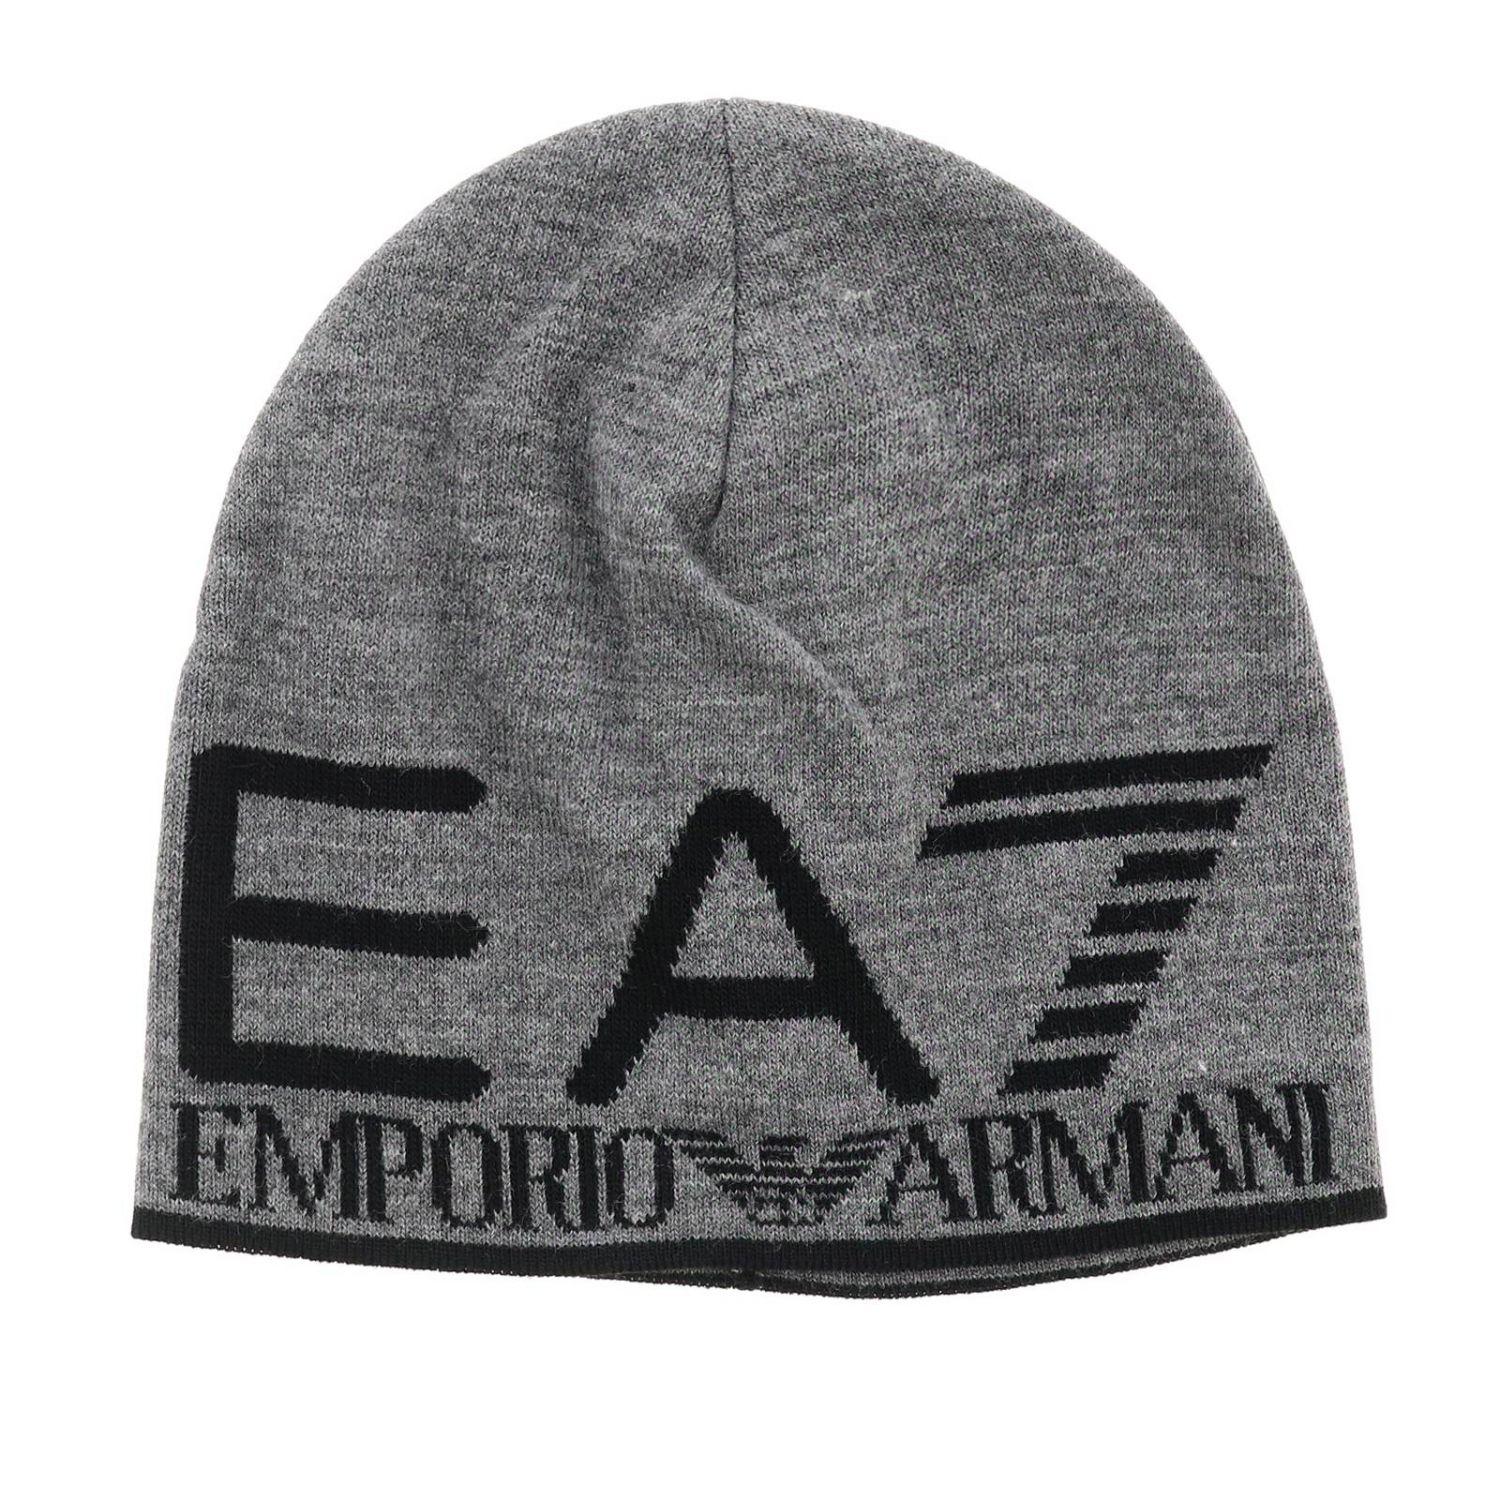 Hat Ea7: Hat men Ea7 grey 1